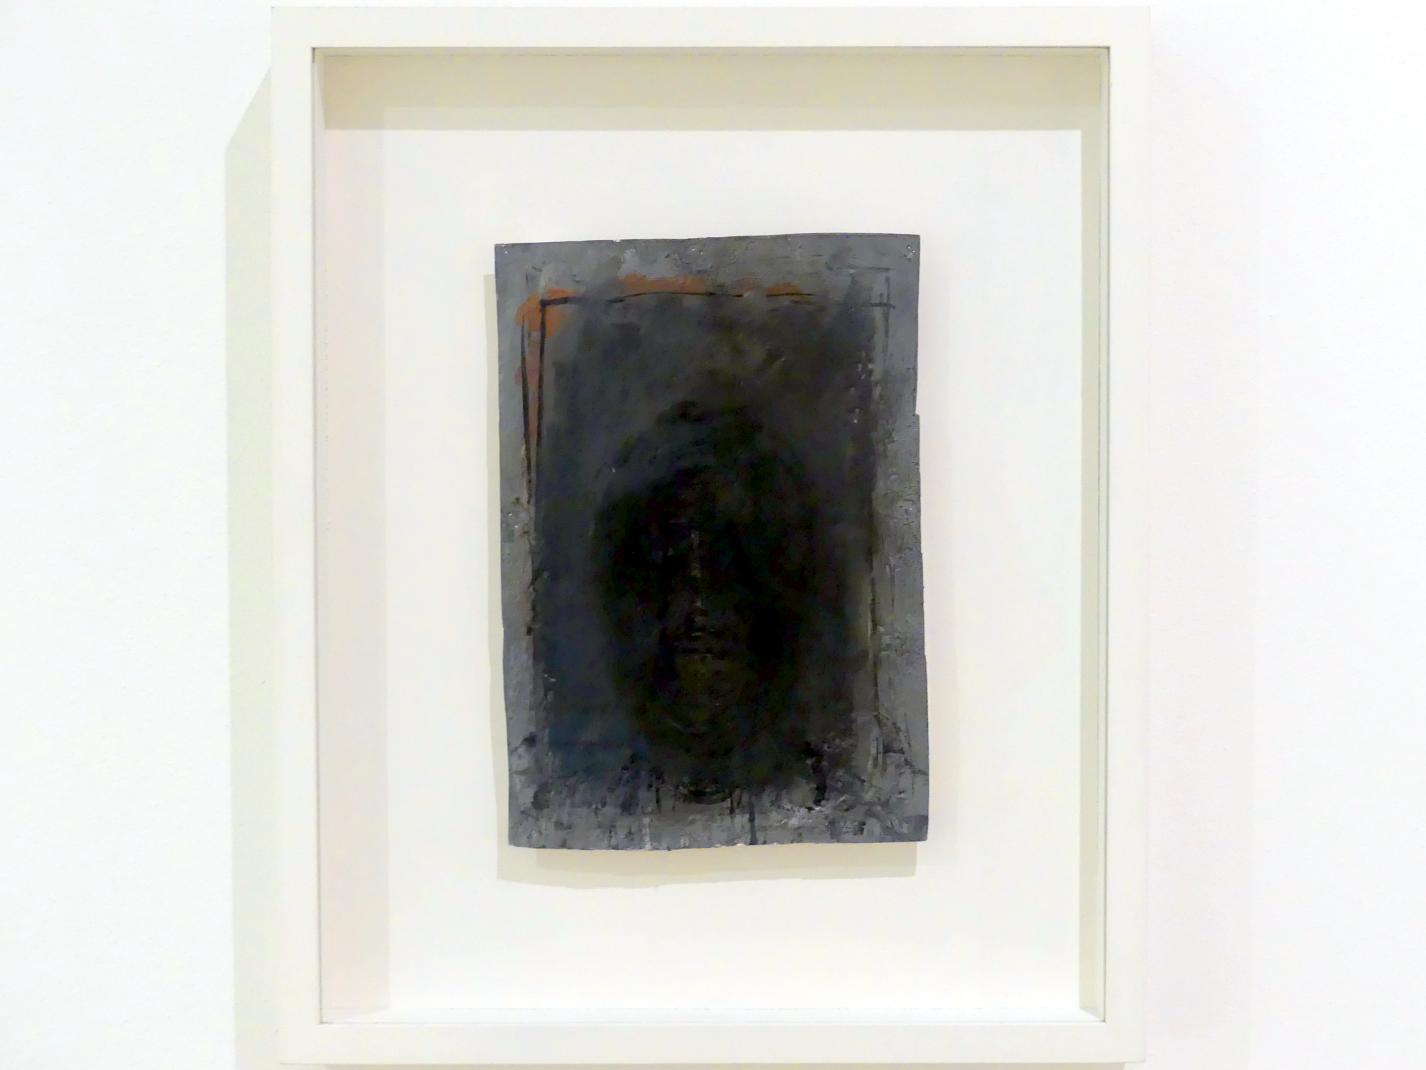 Alberto Giacometti: Angesicht eines Mannes, 1956 - 1957